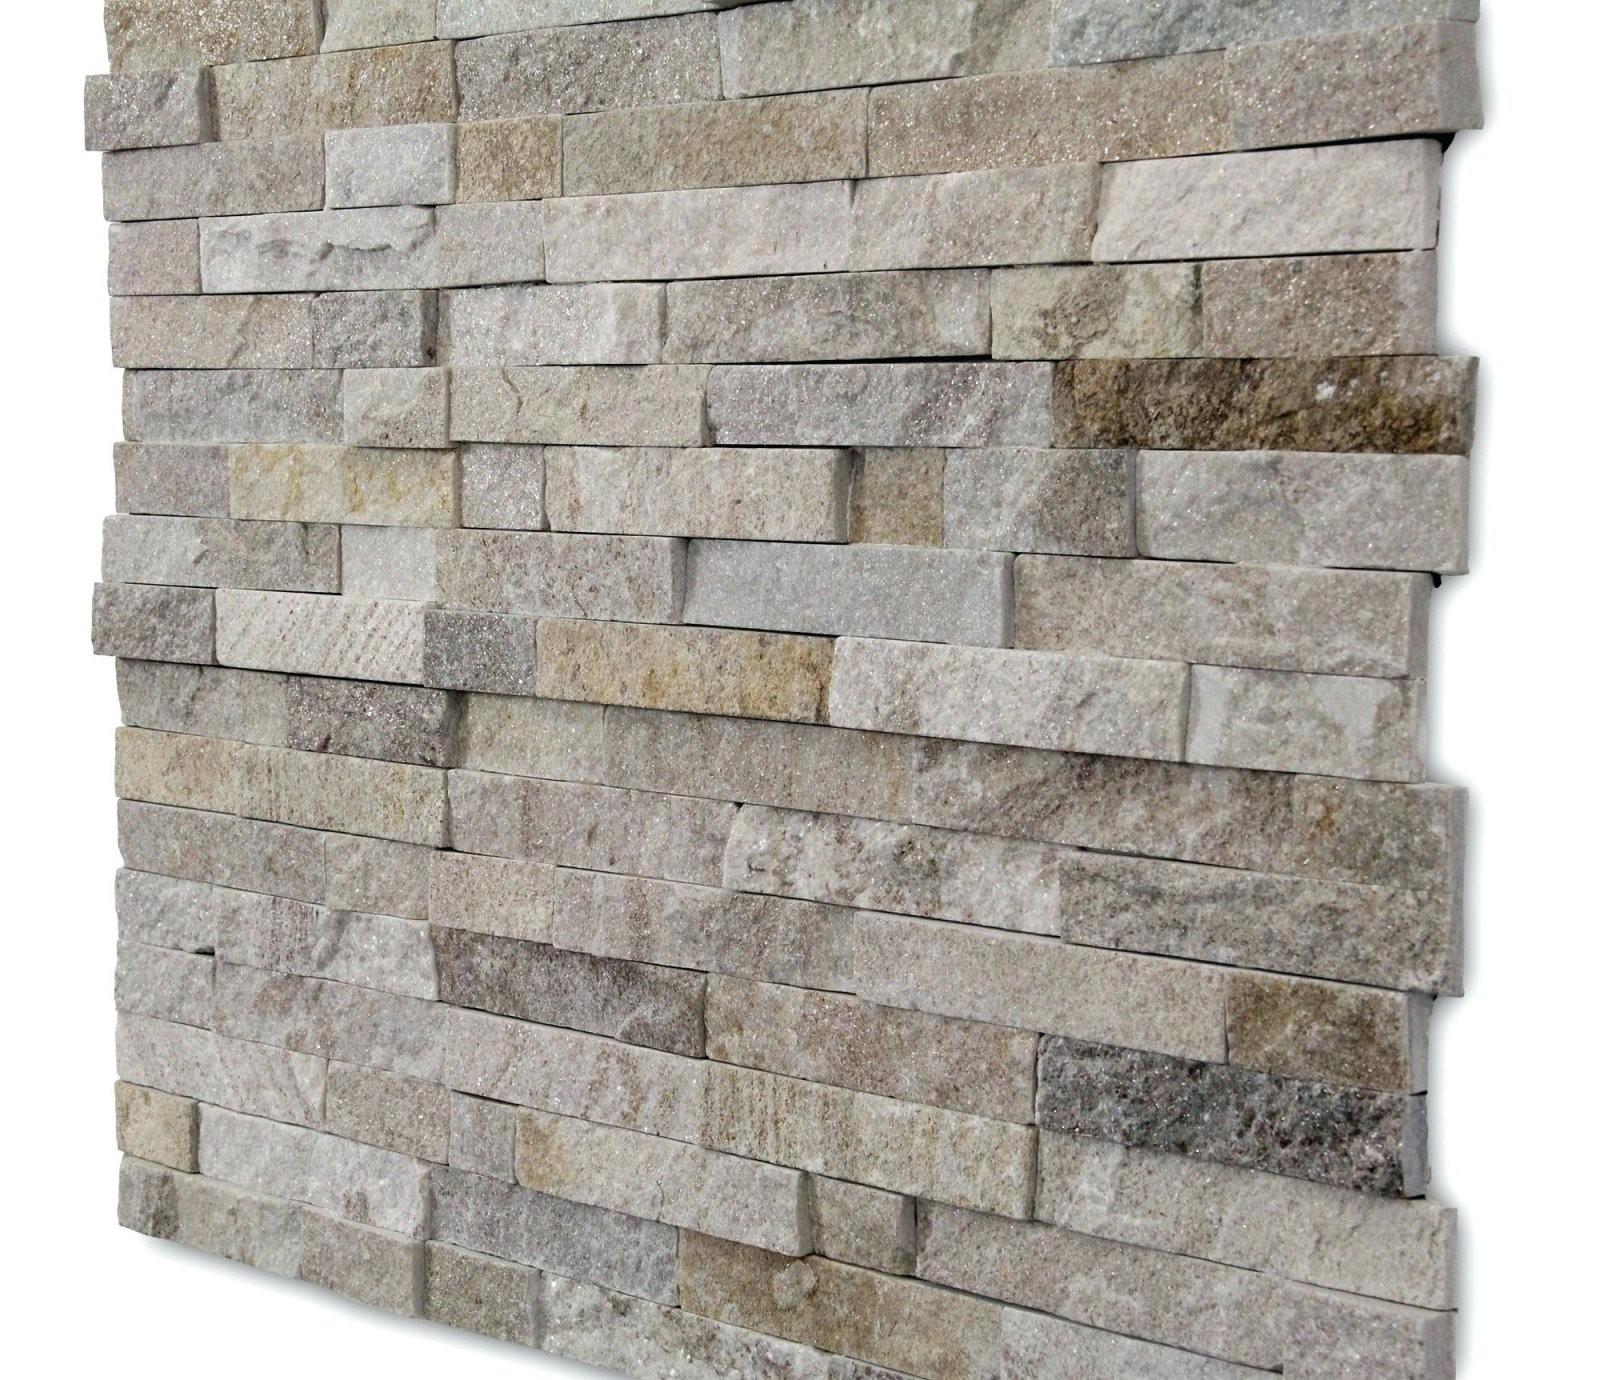 Wandverkleidung Steinoptik Wand Aus Naturstein Bricks Rot Braun von Wandverkleidung Steinoptik Kunststoff Hornbach Photo